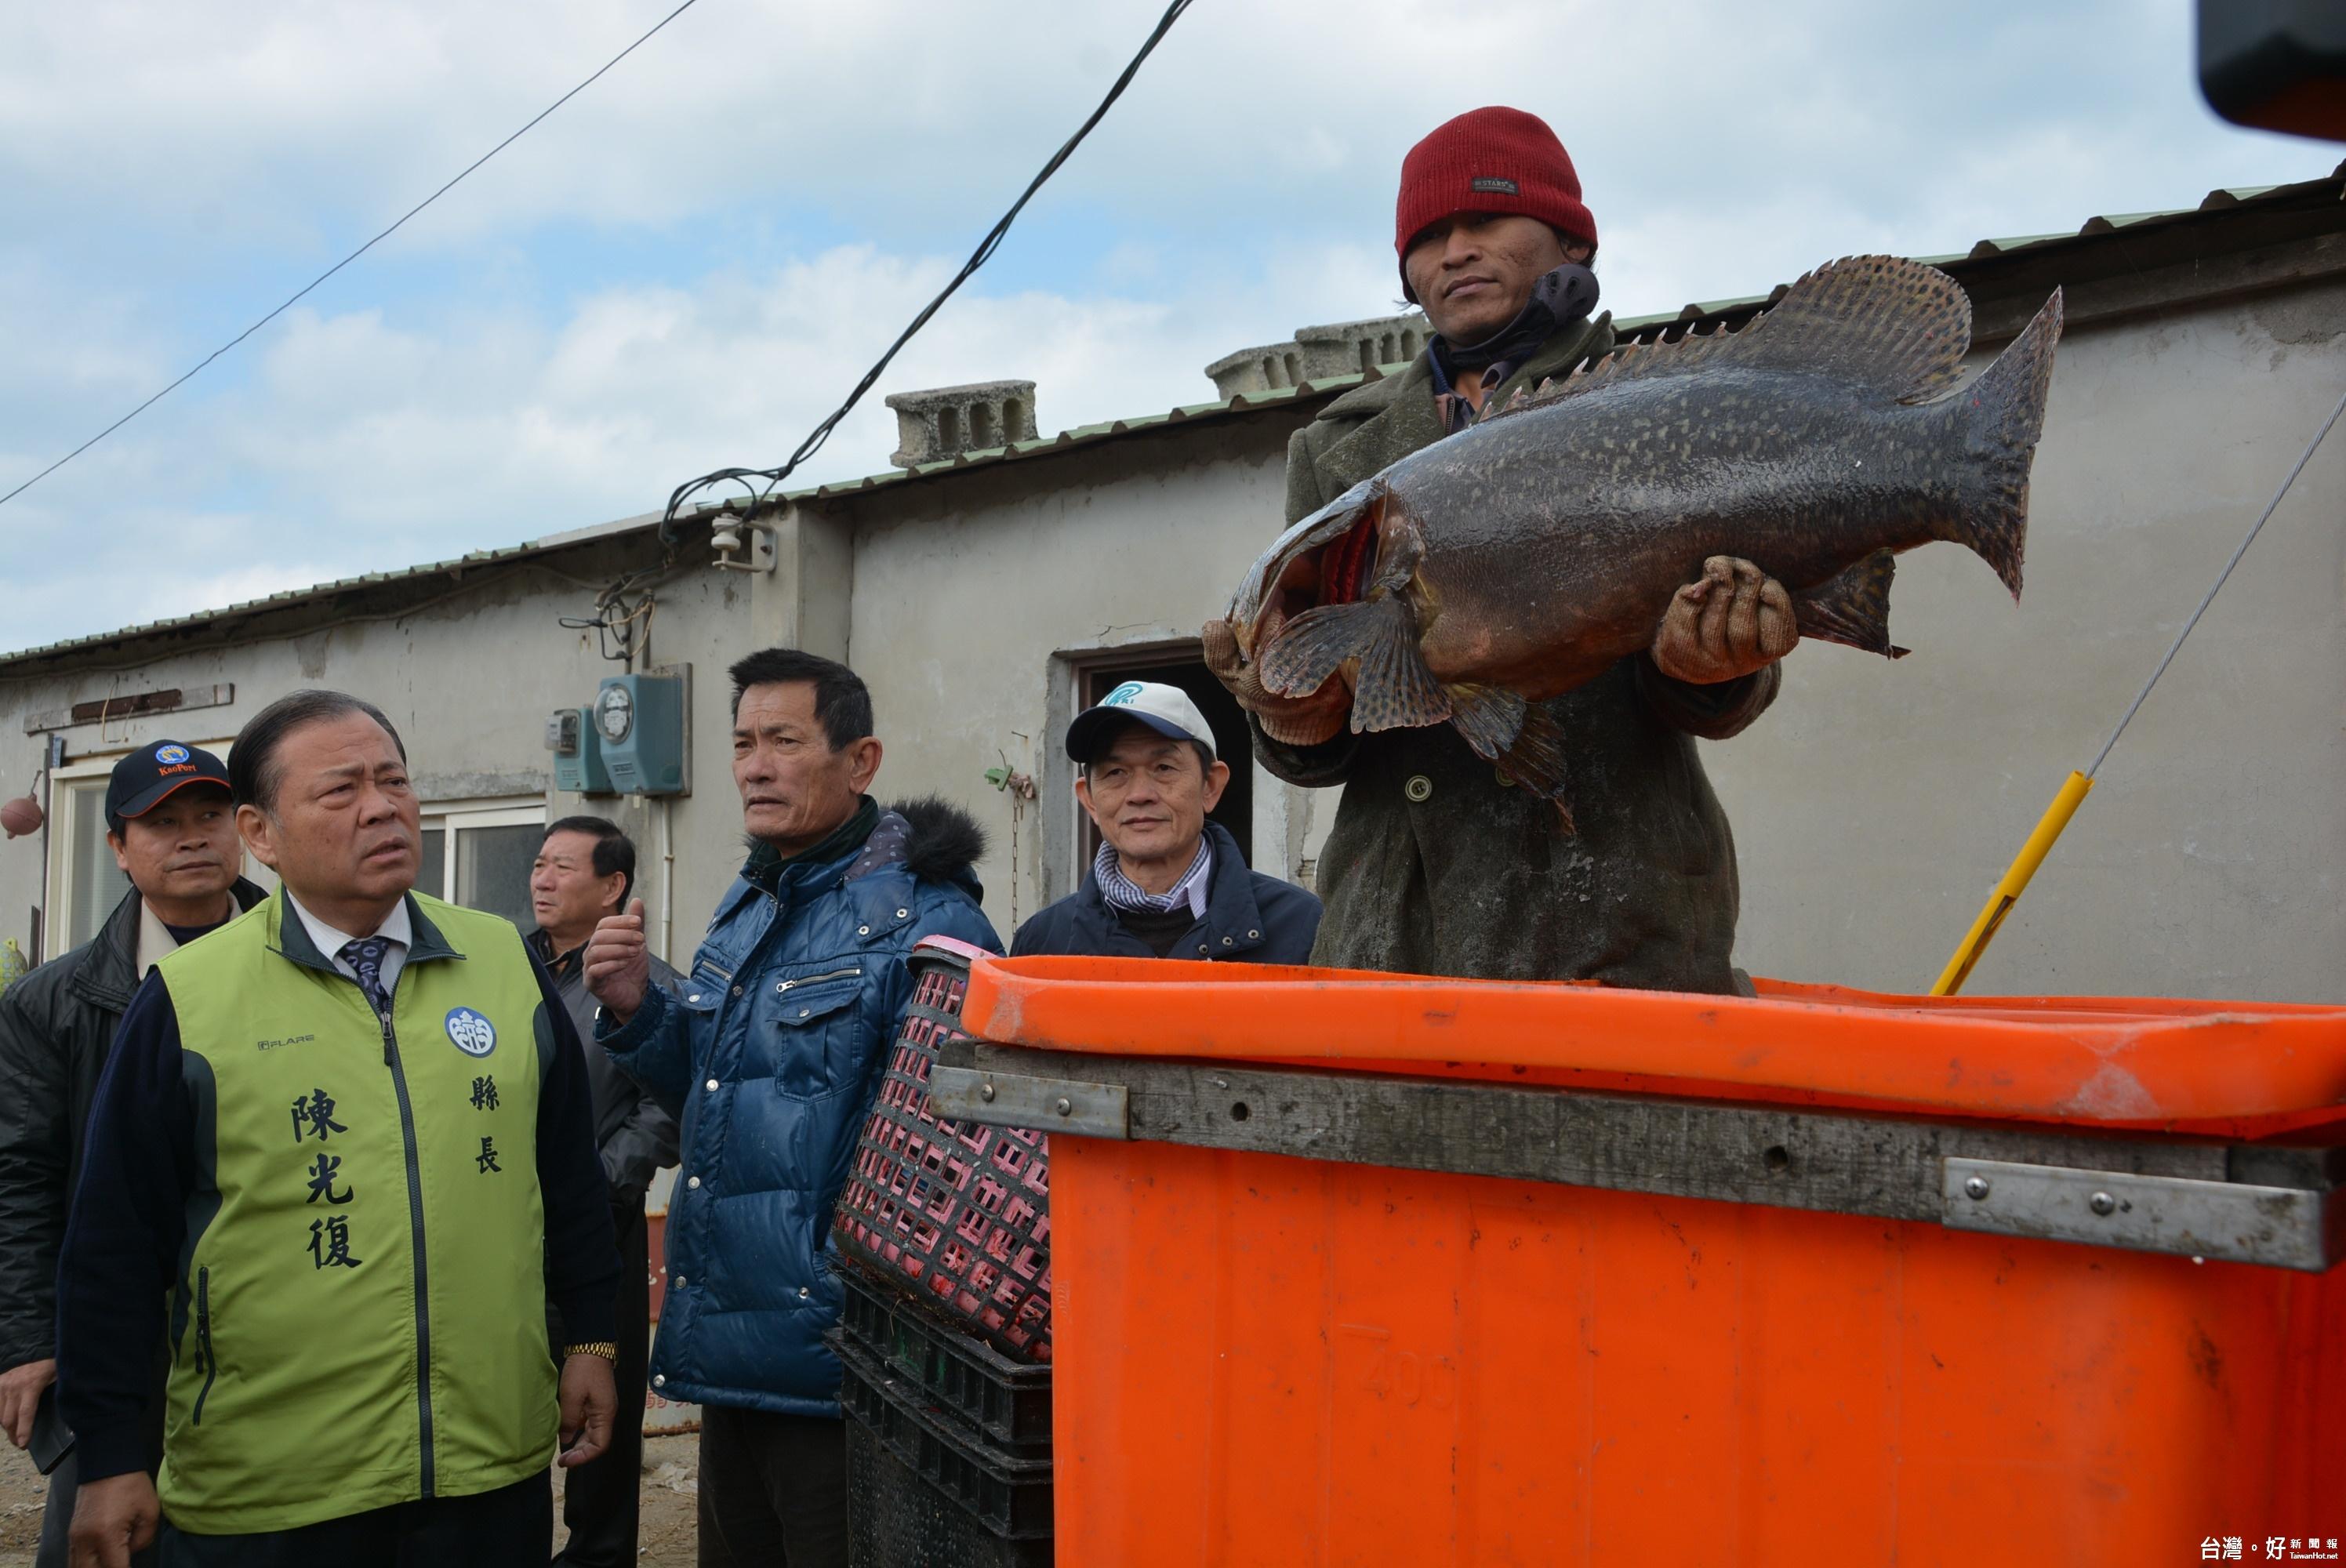 關心寒害災情 陳光復巡視魚塭養殖戶